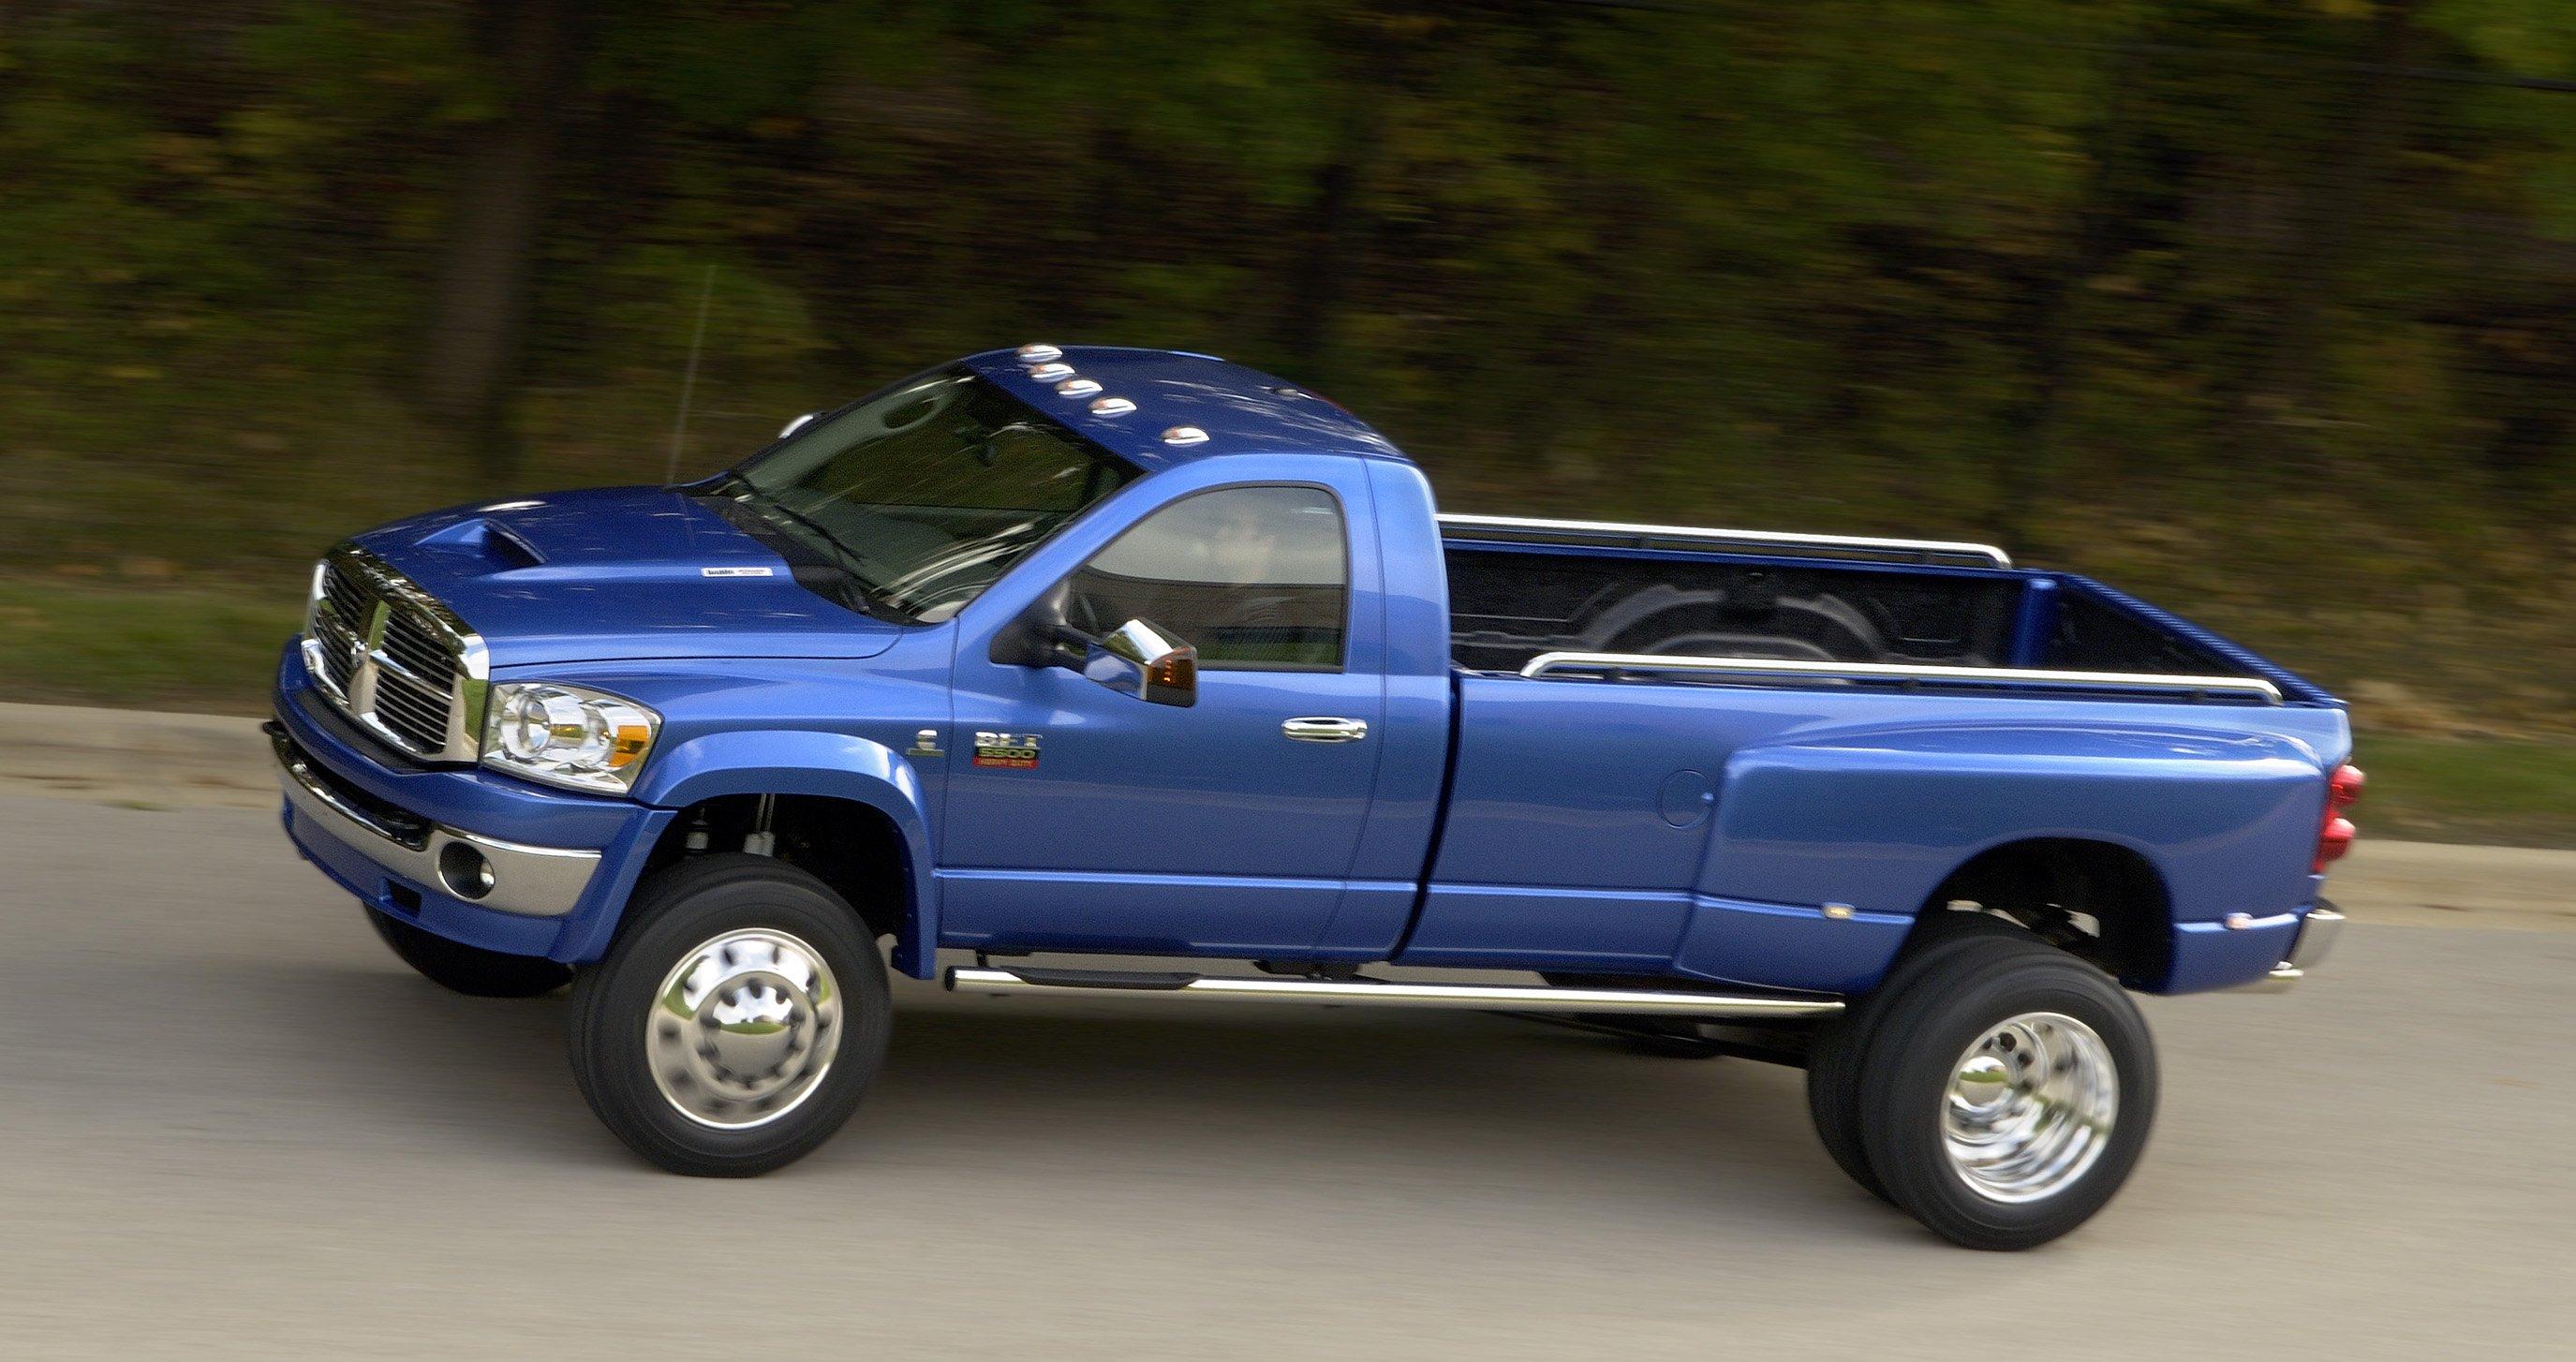 2007 Dodge Ram BFT pickup diesel 4x4 wallpaper | 2750x1454 ...